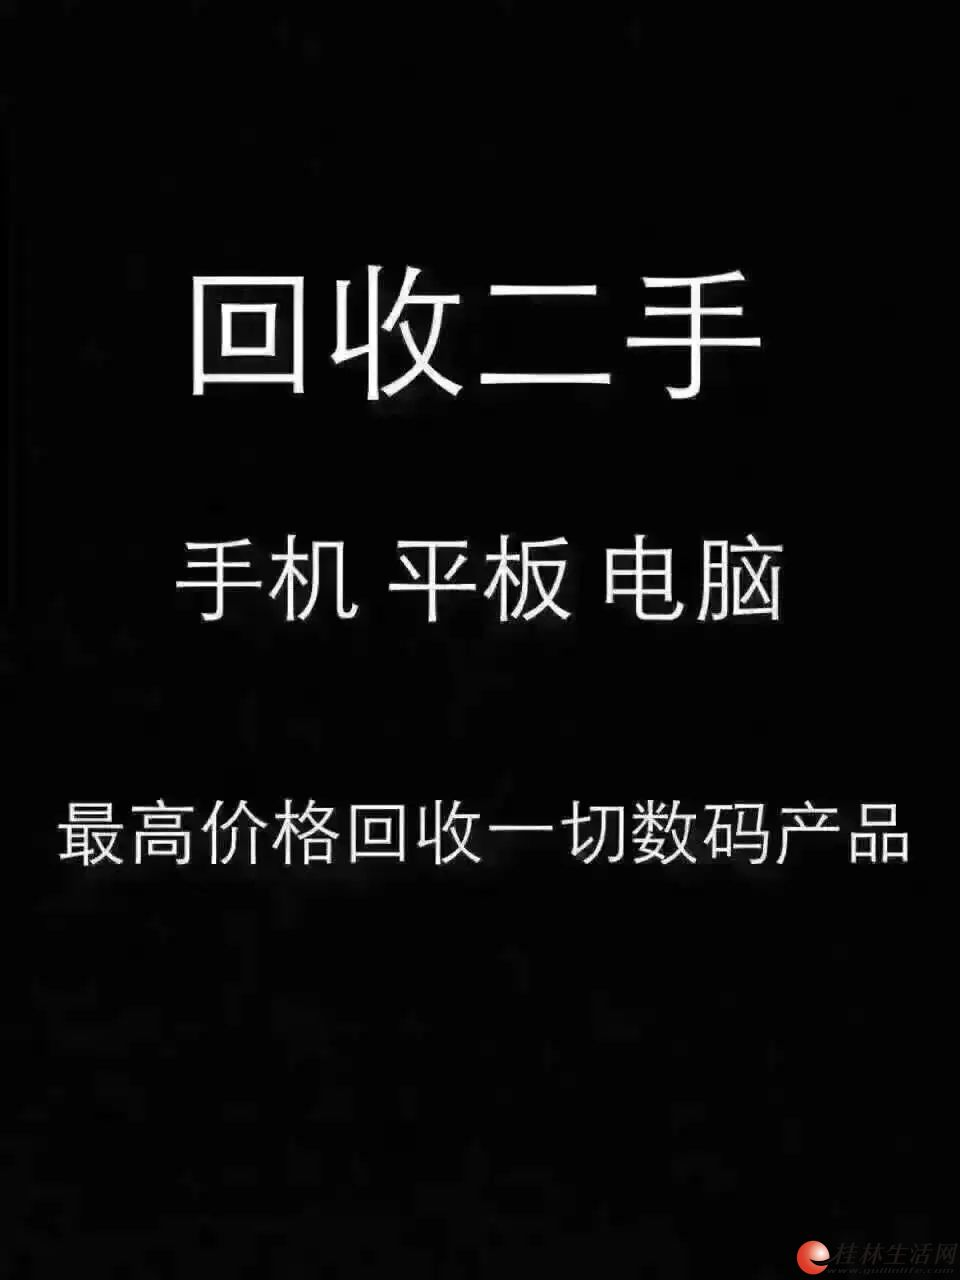 桂林专业二手手机回收 抵押 更高价 更划算 更实在 各大品牌手机都回收